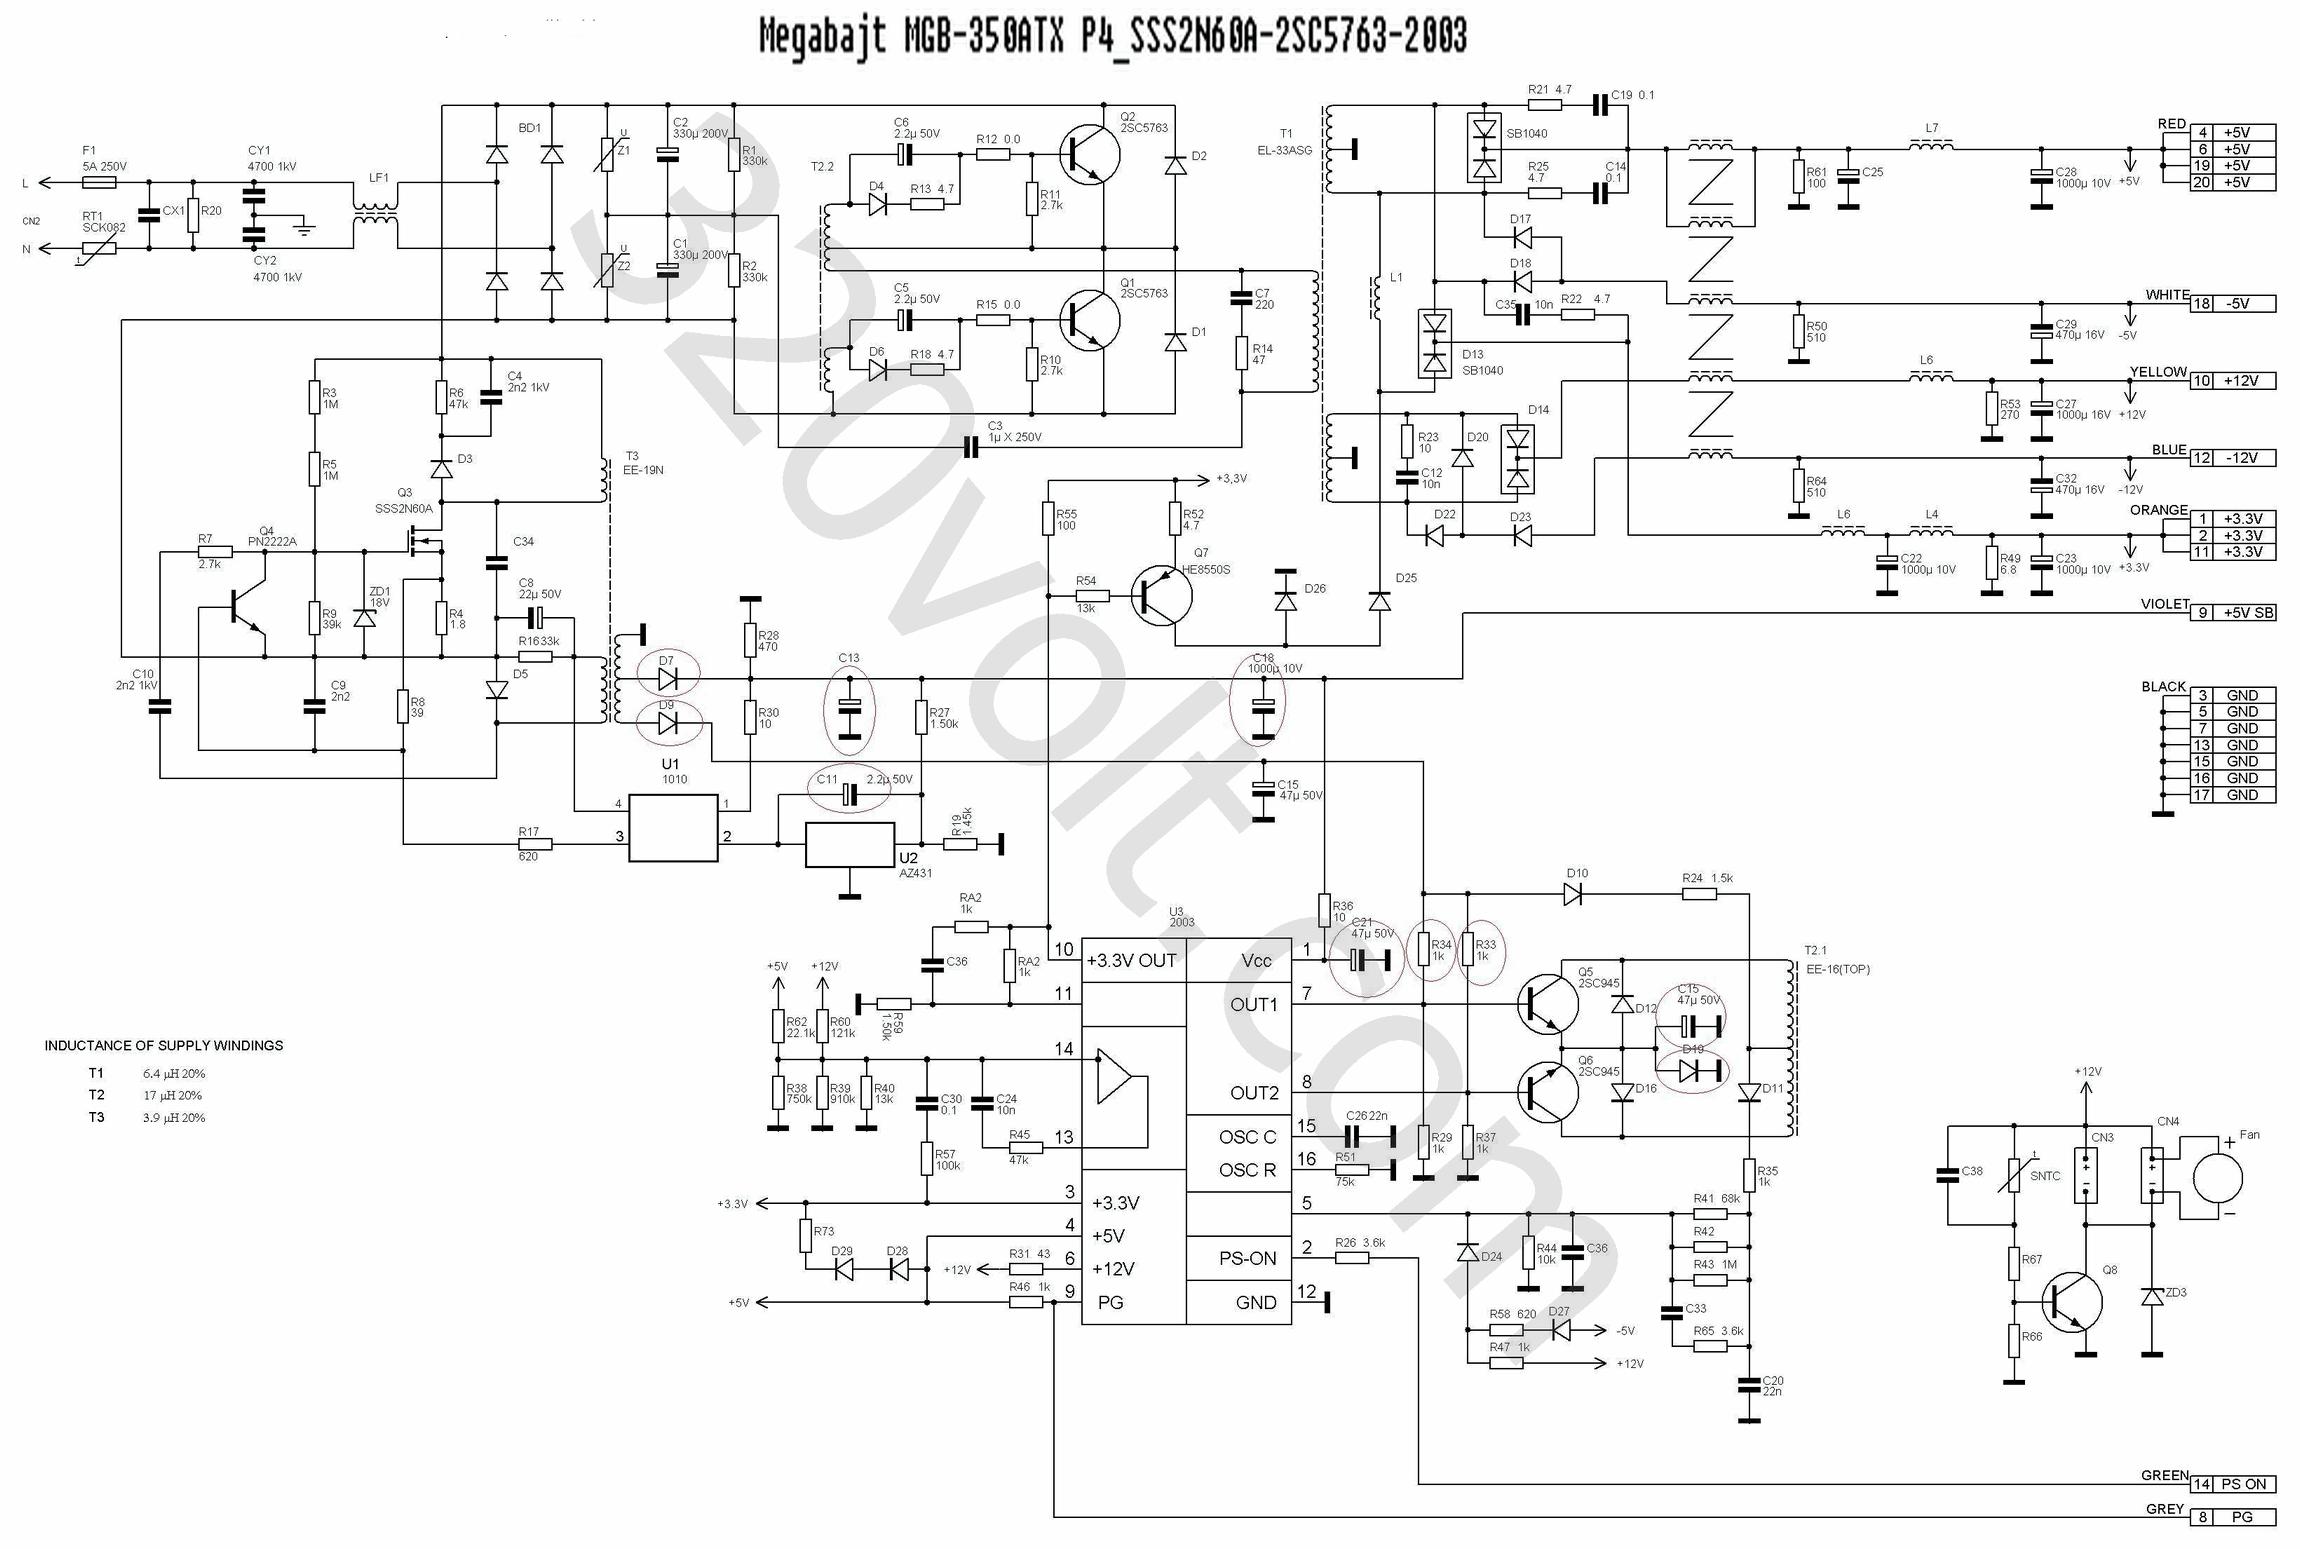 Mazda B2200 Wiring Diagram - Wiring Diagrams Database